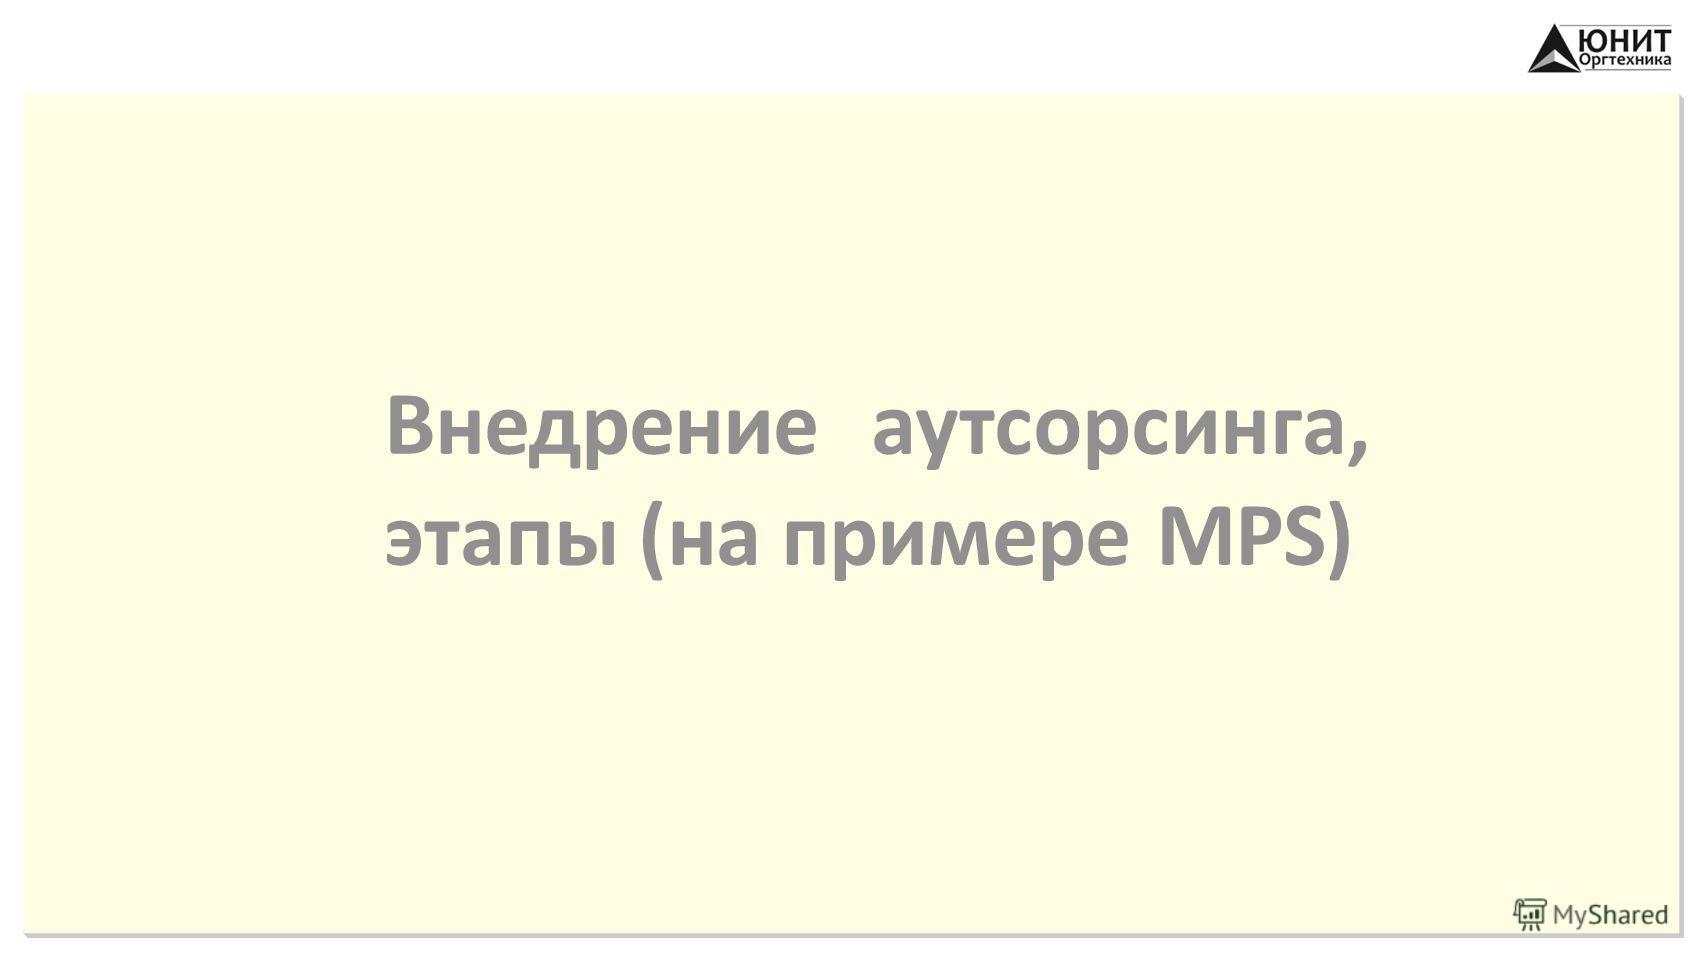 Внедрениеаутсорсинга, этапы (на примере MPS)